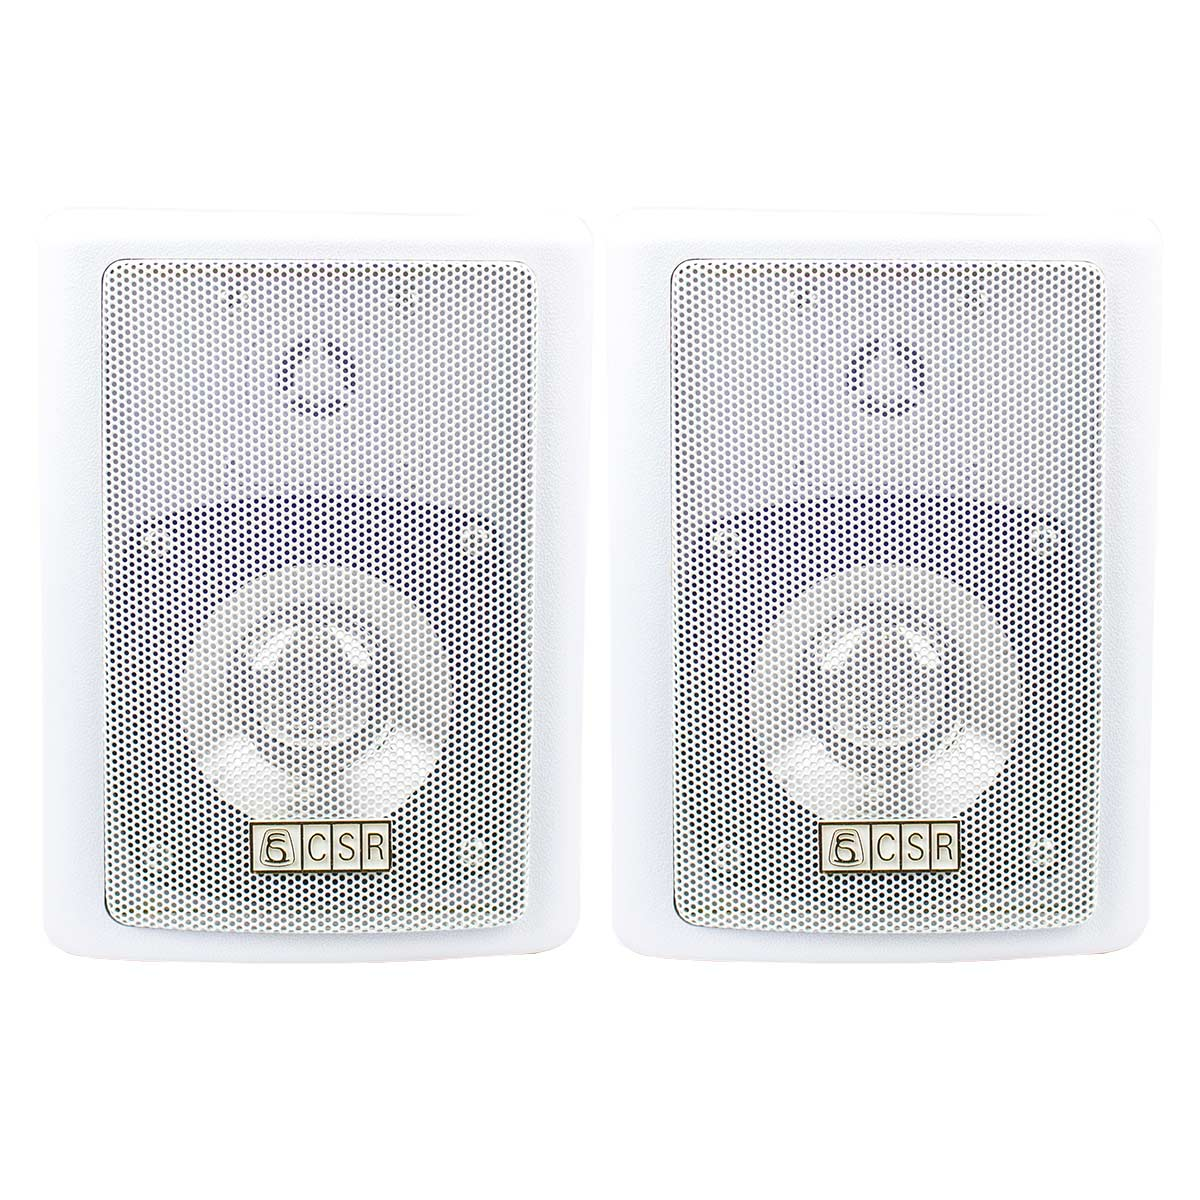 Caixa Passiva p/ Som Ambiente 50W c/ Suporte (Par) - 80 CSR